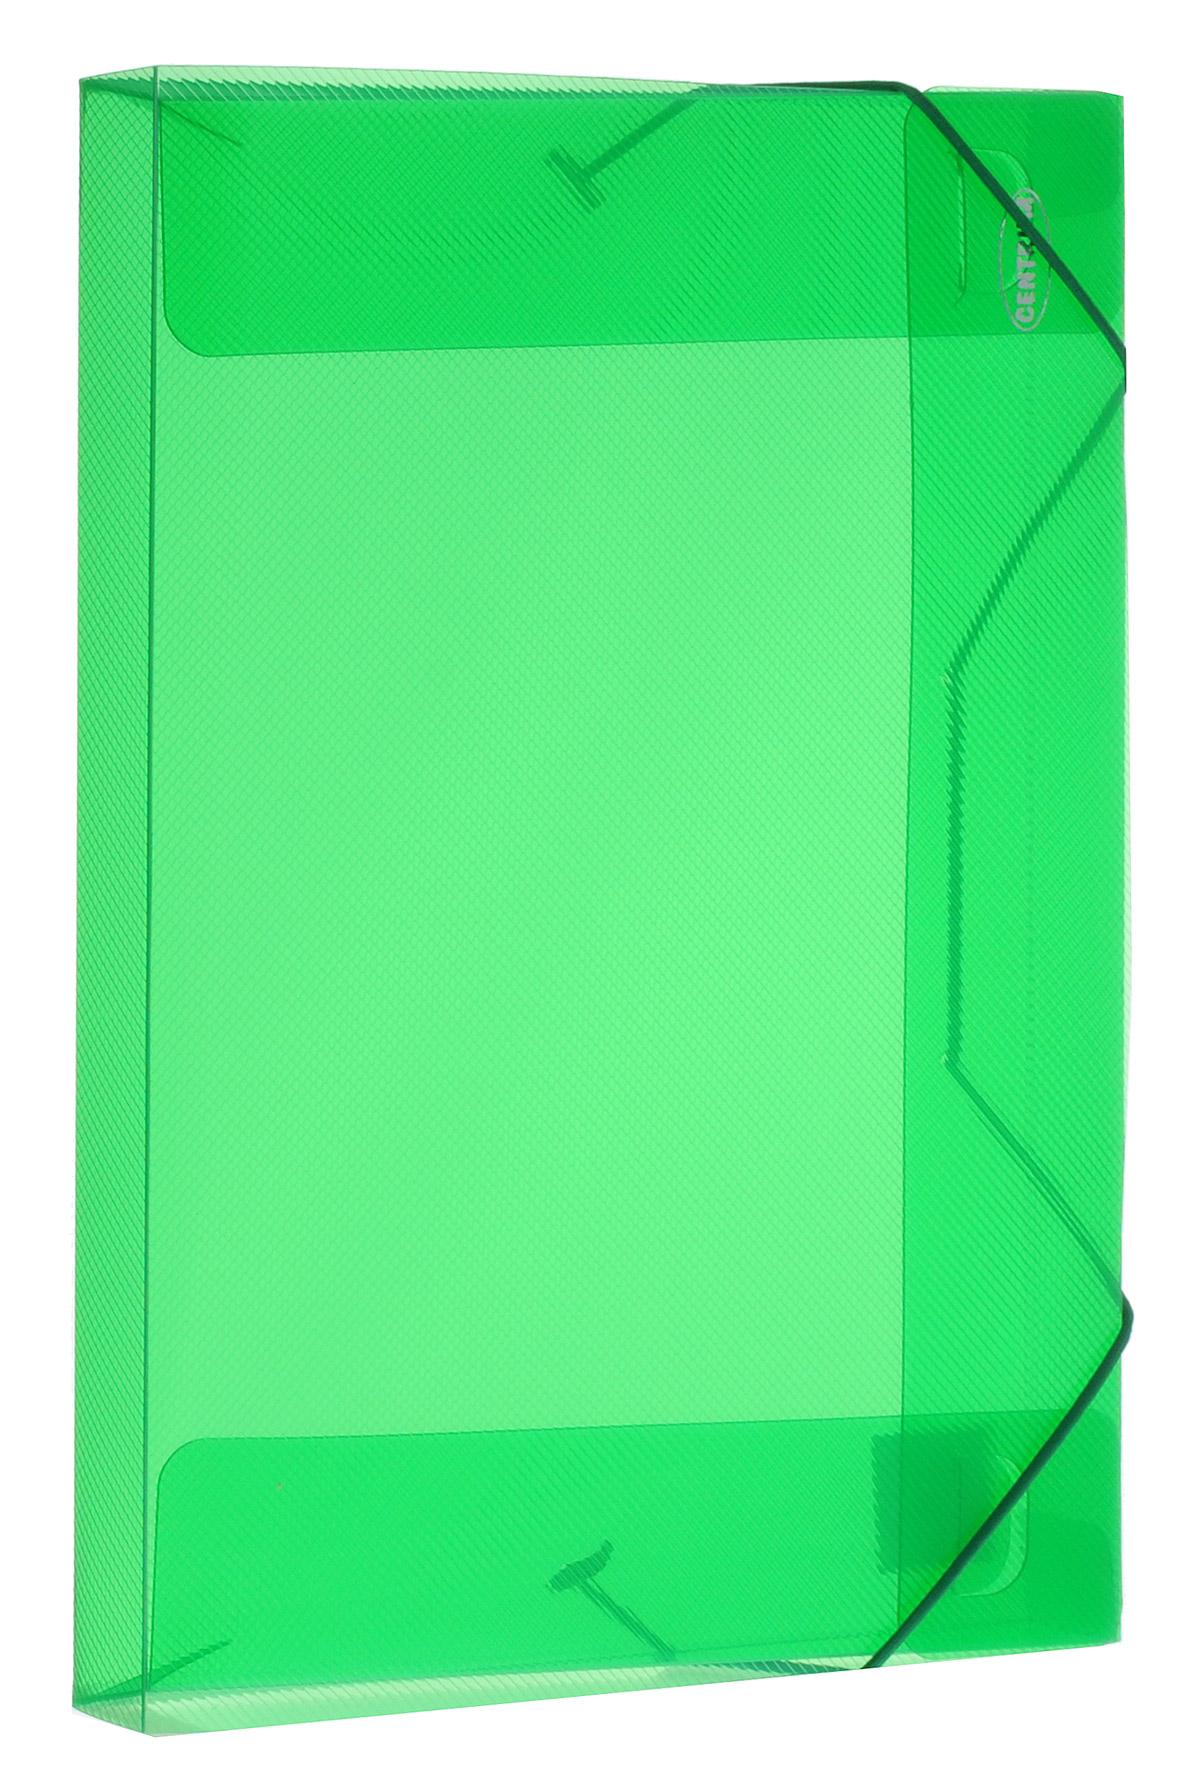 Centrum Папка на резинке цвет зеленый формат А4 8001980019_зеленыйПапка на резинке Centrum станет вашим верным помощником дома и в офисе.Это удобный и функциональный инструмент, предназначенный для хранения и транспортировки больших объемов рабочих бумаг и документов формата А4. Папка изготовлена из износостойкого высококачественного пластика. Состоит из одного вместительного отделения. Закрывается папка при помощи прочной резинки.Папка - это незаменимый атрибут для любого студента, школьника или офисного работника. Такая папка надежно сохранит ваши бумаги и сбережет их от повреждений, пыли и влаги.